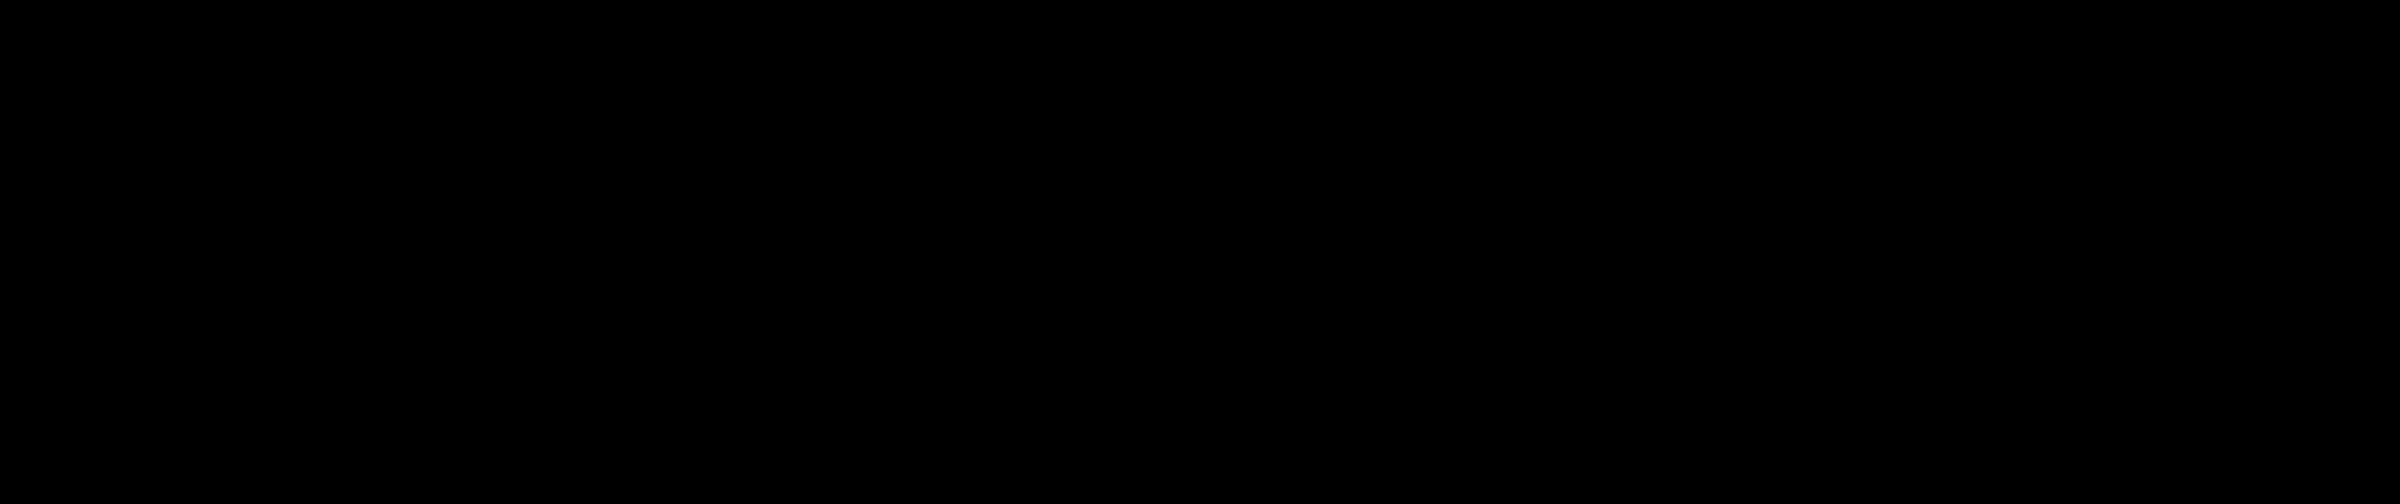 Carefree Logo PNG Transparent & SVG Vector.